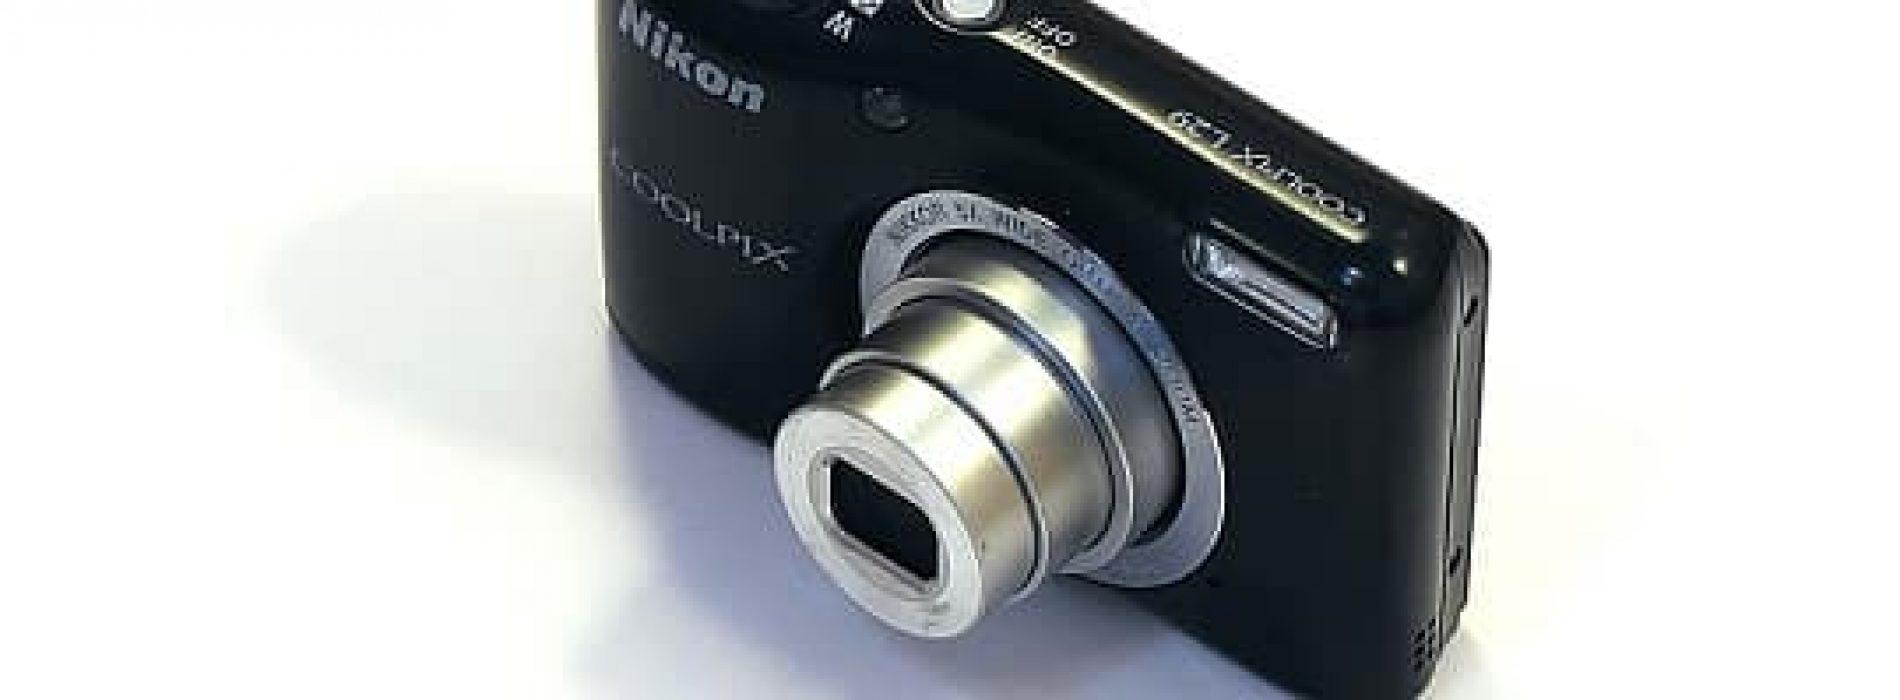 Kompaktkamera – Test og kjøpeguide (2020)